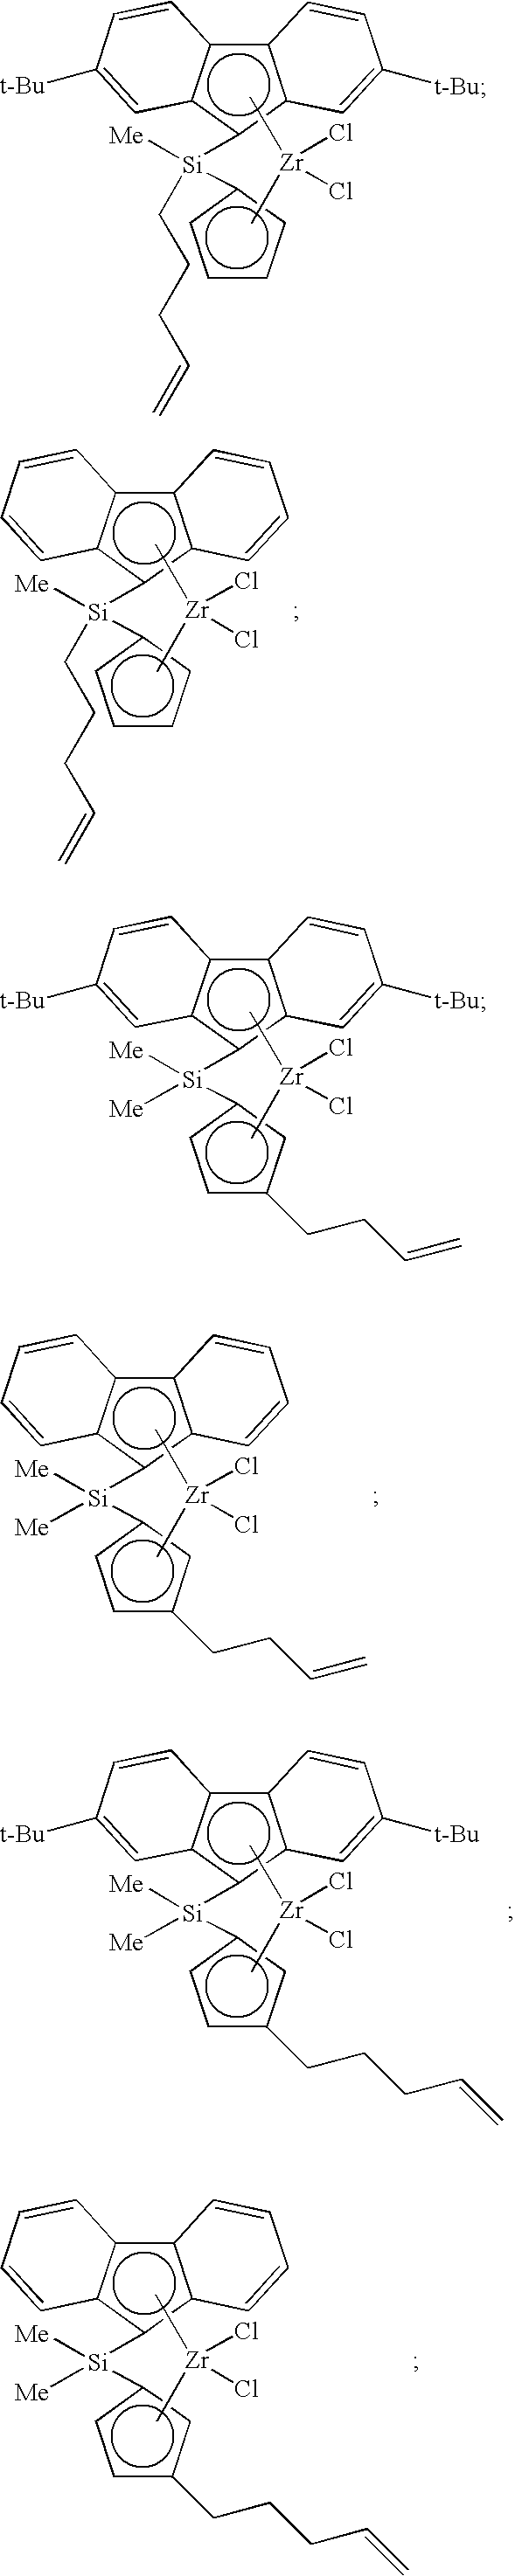 Figure US08329834-20121211-C00013